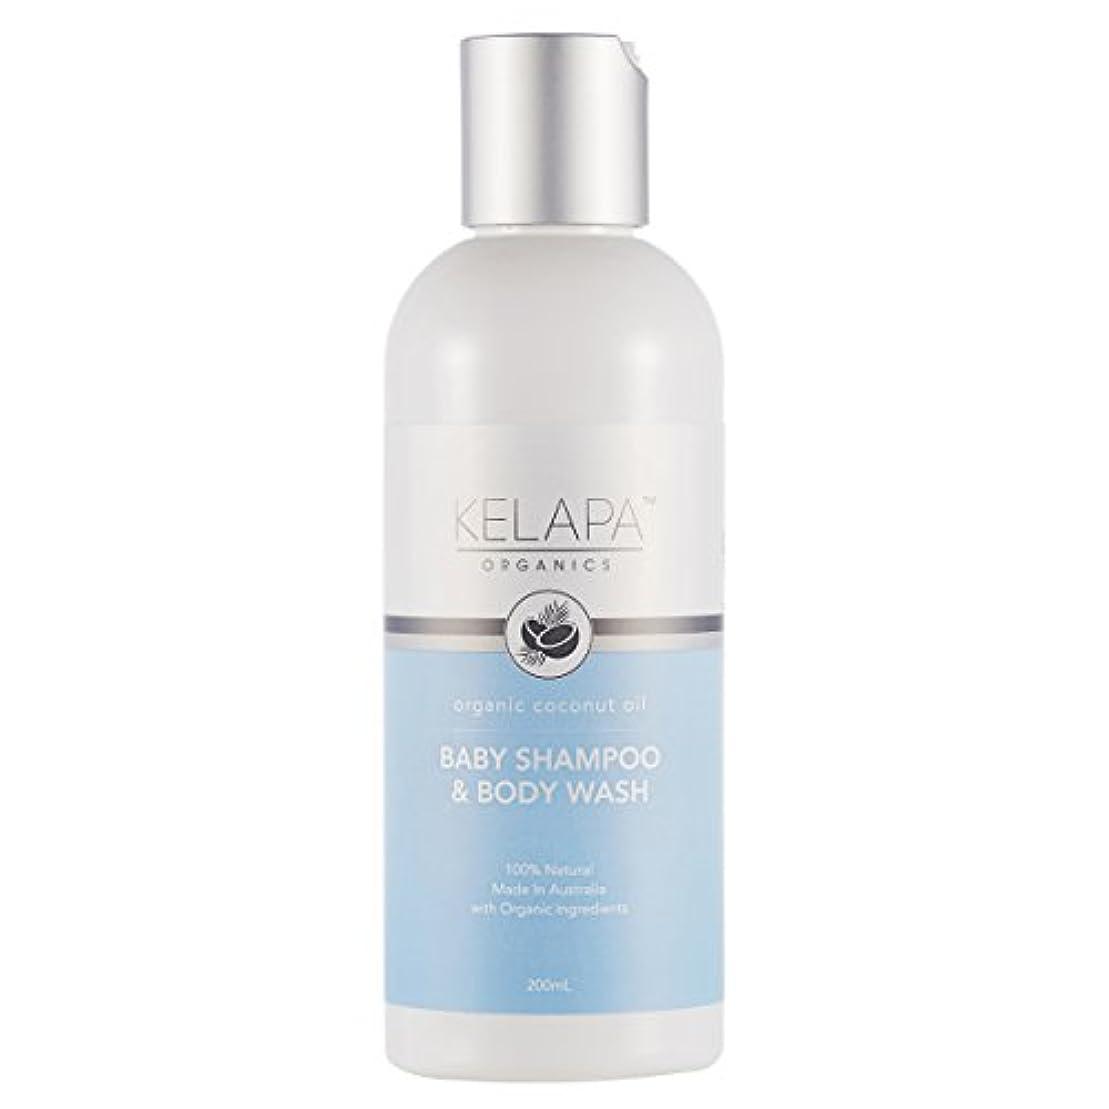 横たわるサーキュレーションメナジェリーKelapa Organics Baby Shampoo & Body Wash ベイビーシャンプー&ボディウォッシュ 200ml